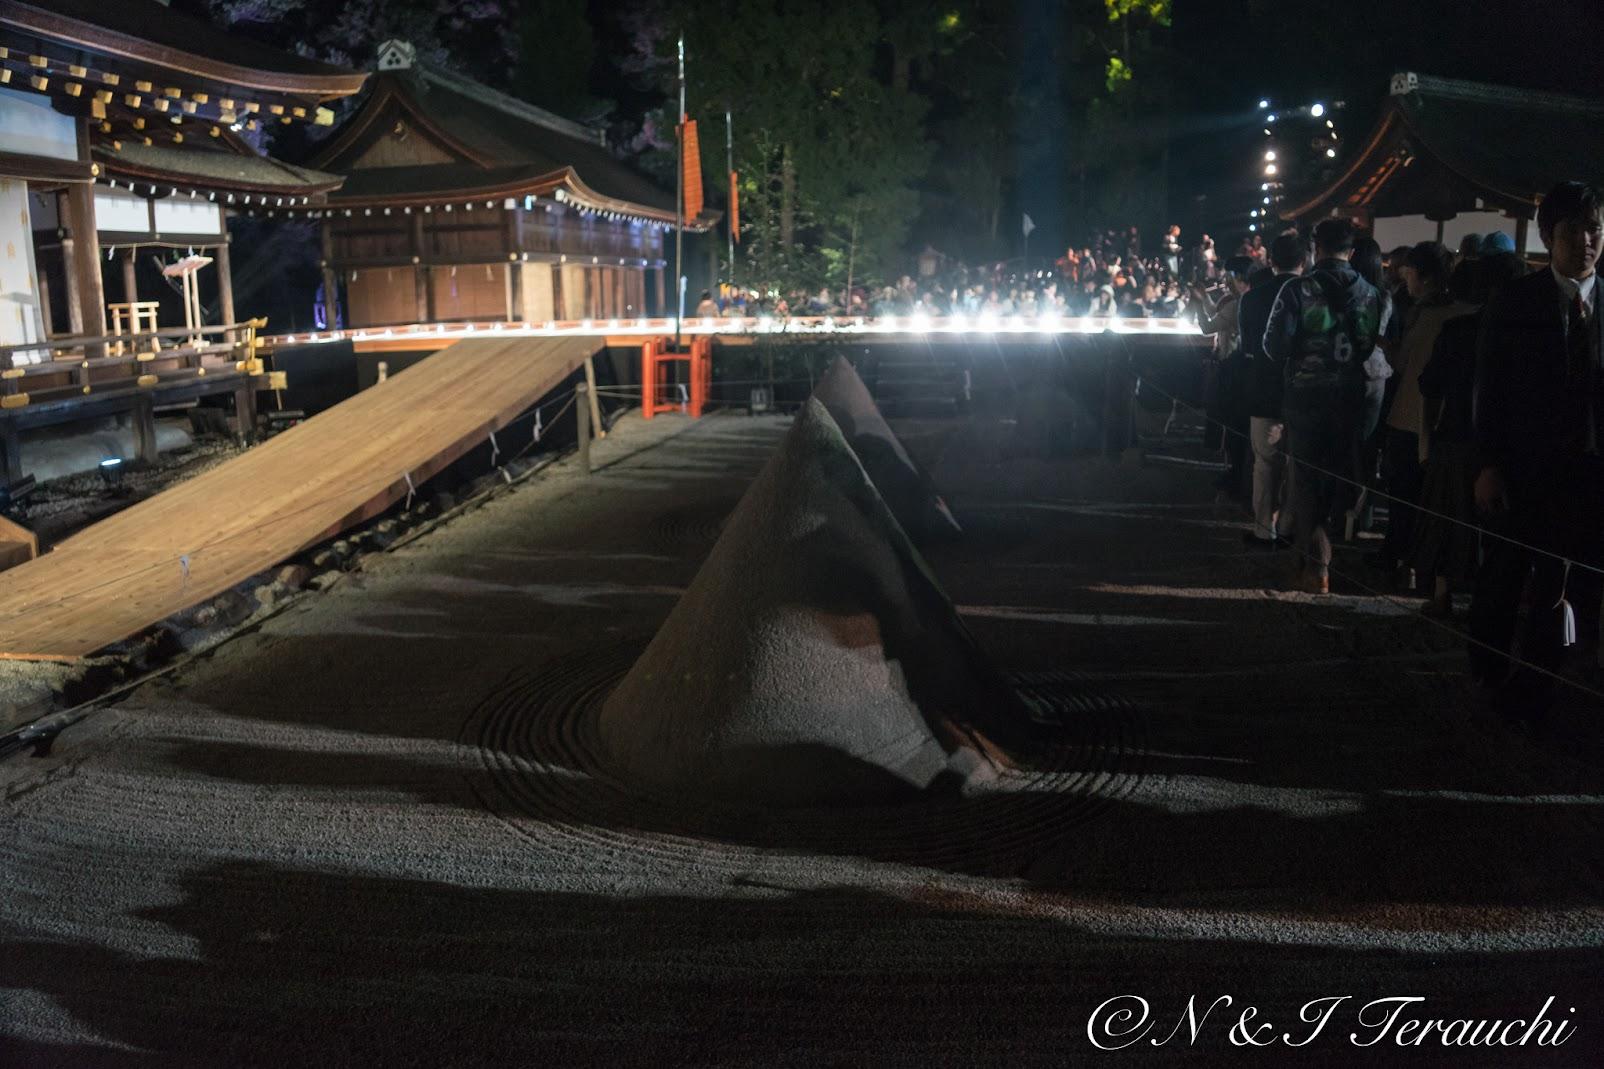 細殿の前に鎮座する、賀茂別雷命が降臨したとされる神山を模す立砂